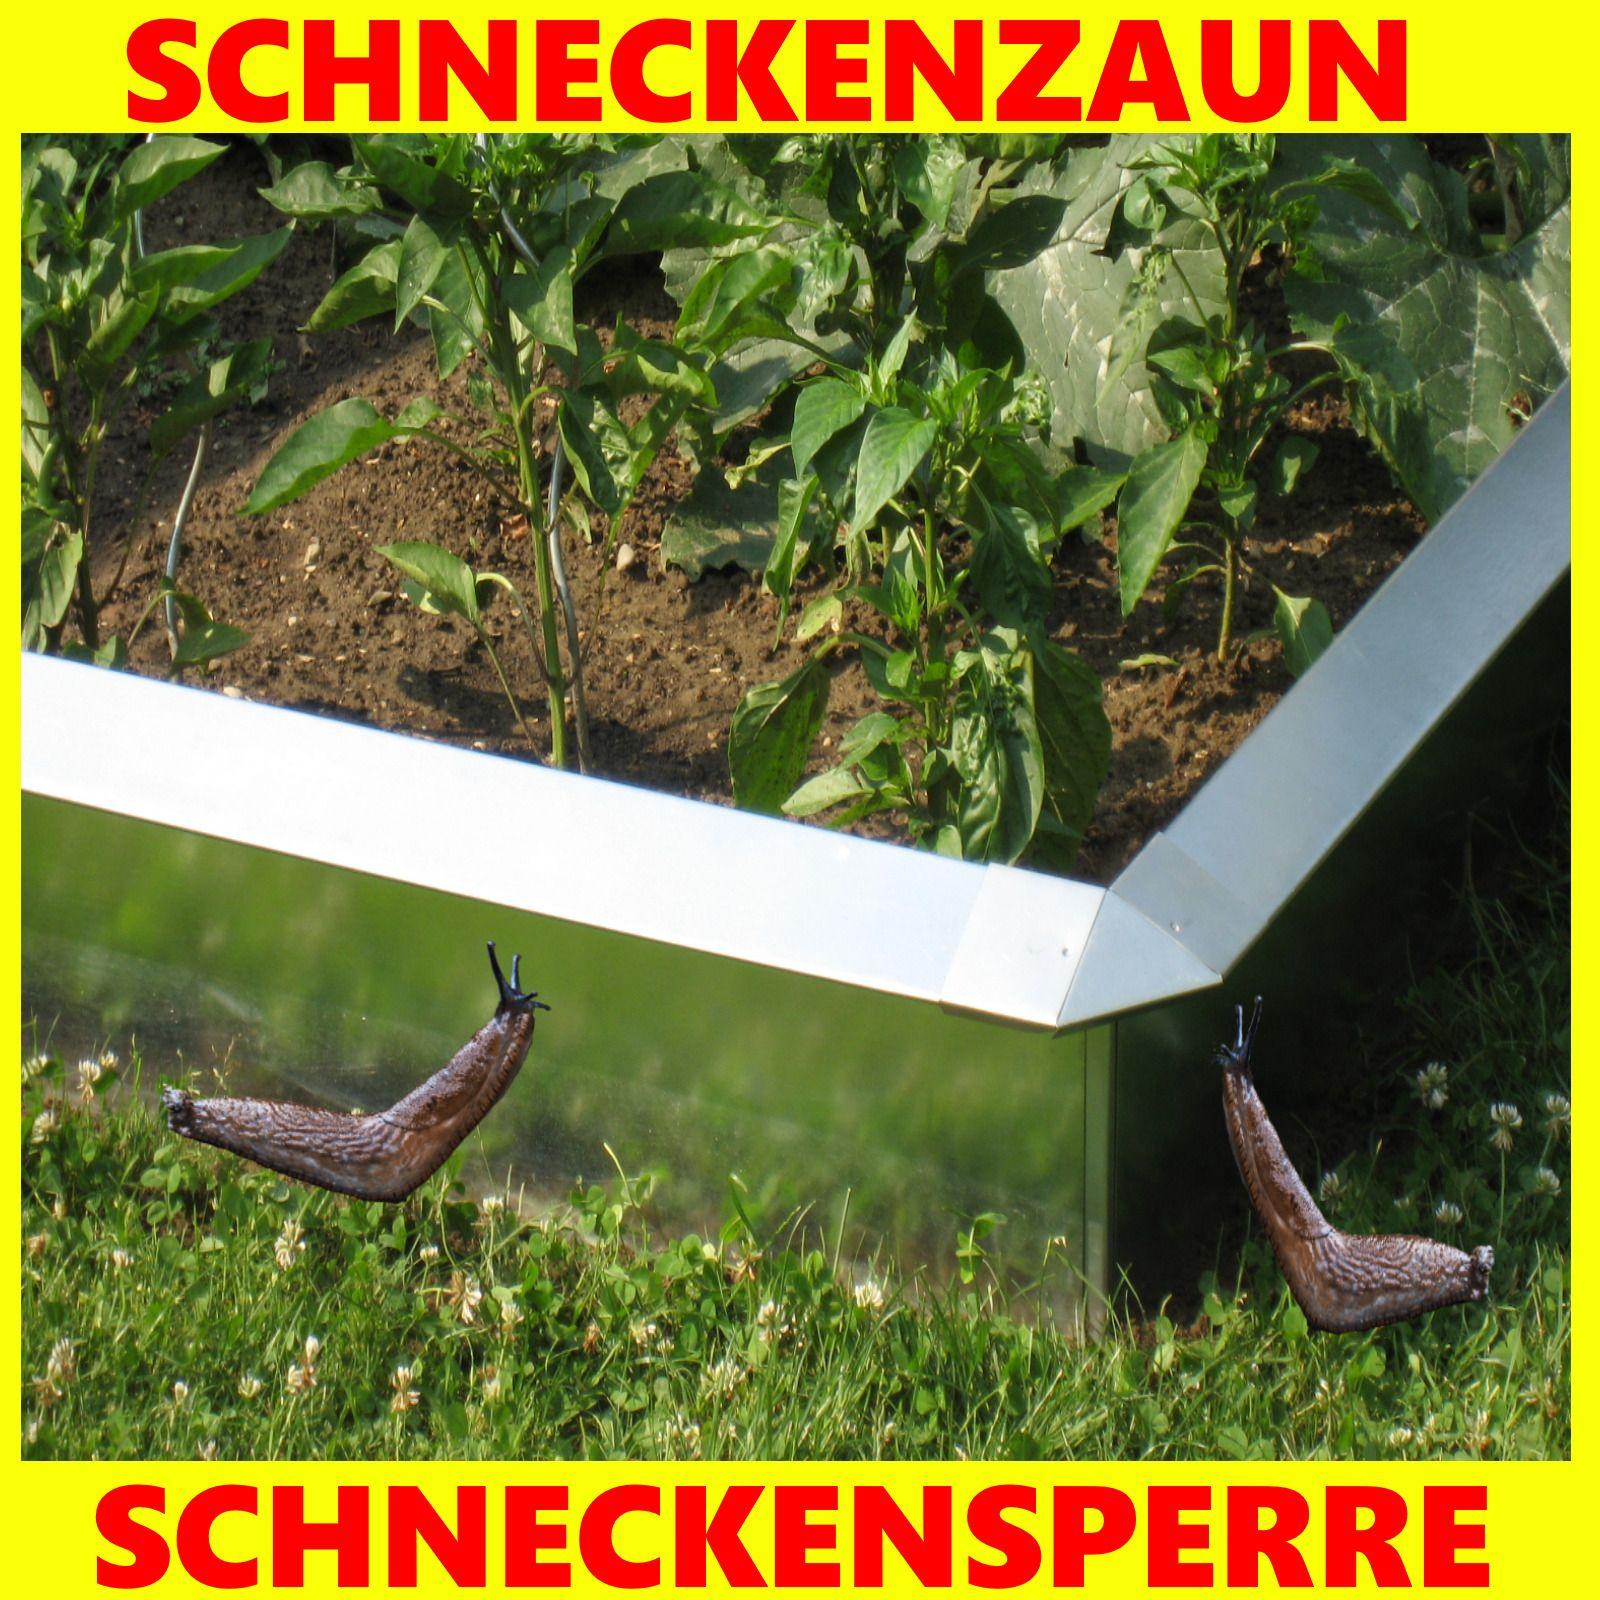 Schneckenzaun Schneckenstop Typ2 100 X 25 Cm Bewahrtes Produkt Schneckenzaun Schnecken Im Garten Schnecken